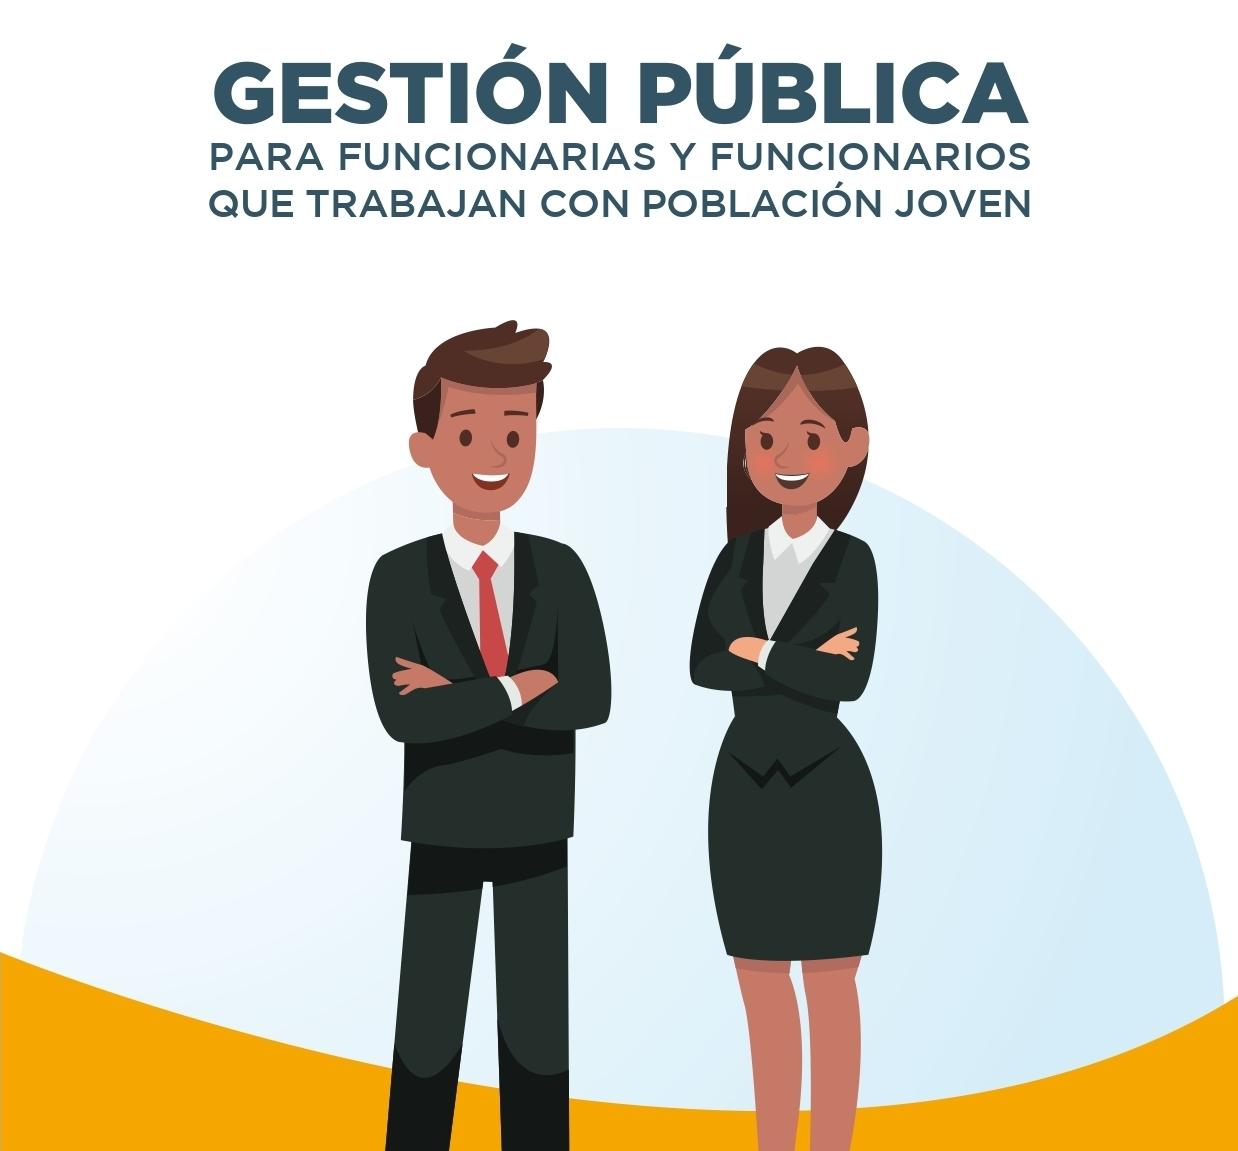 Gestión pública para funcionarios y funcionarias que trabajan con población joven